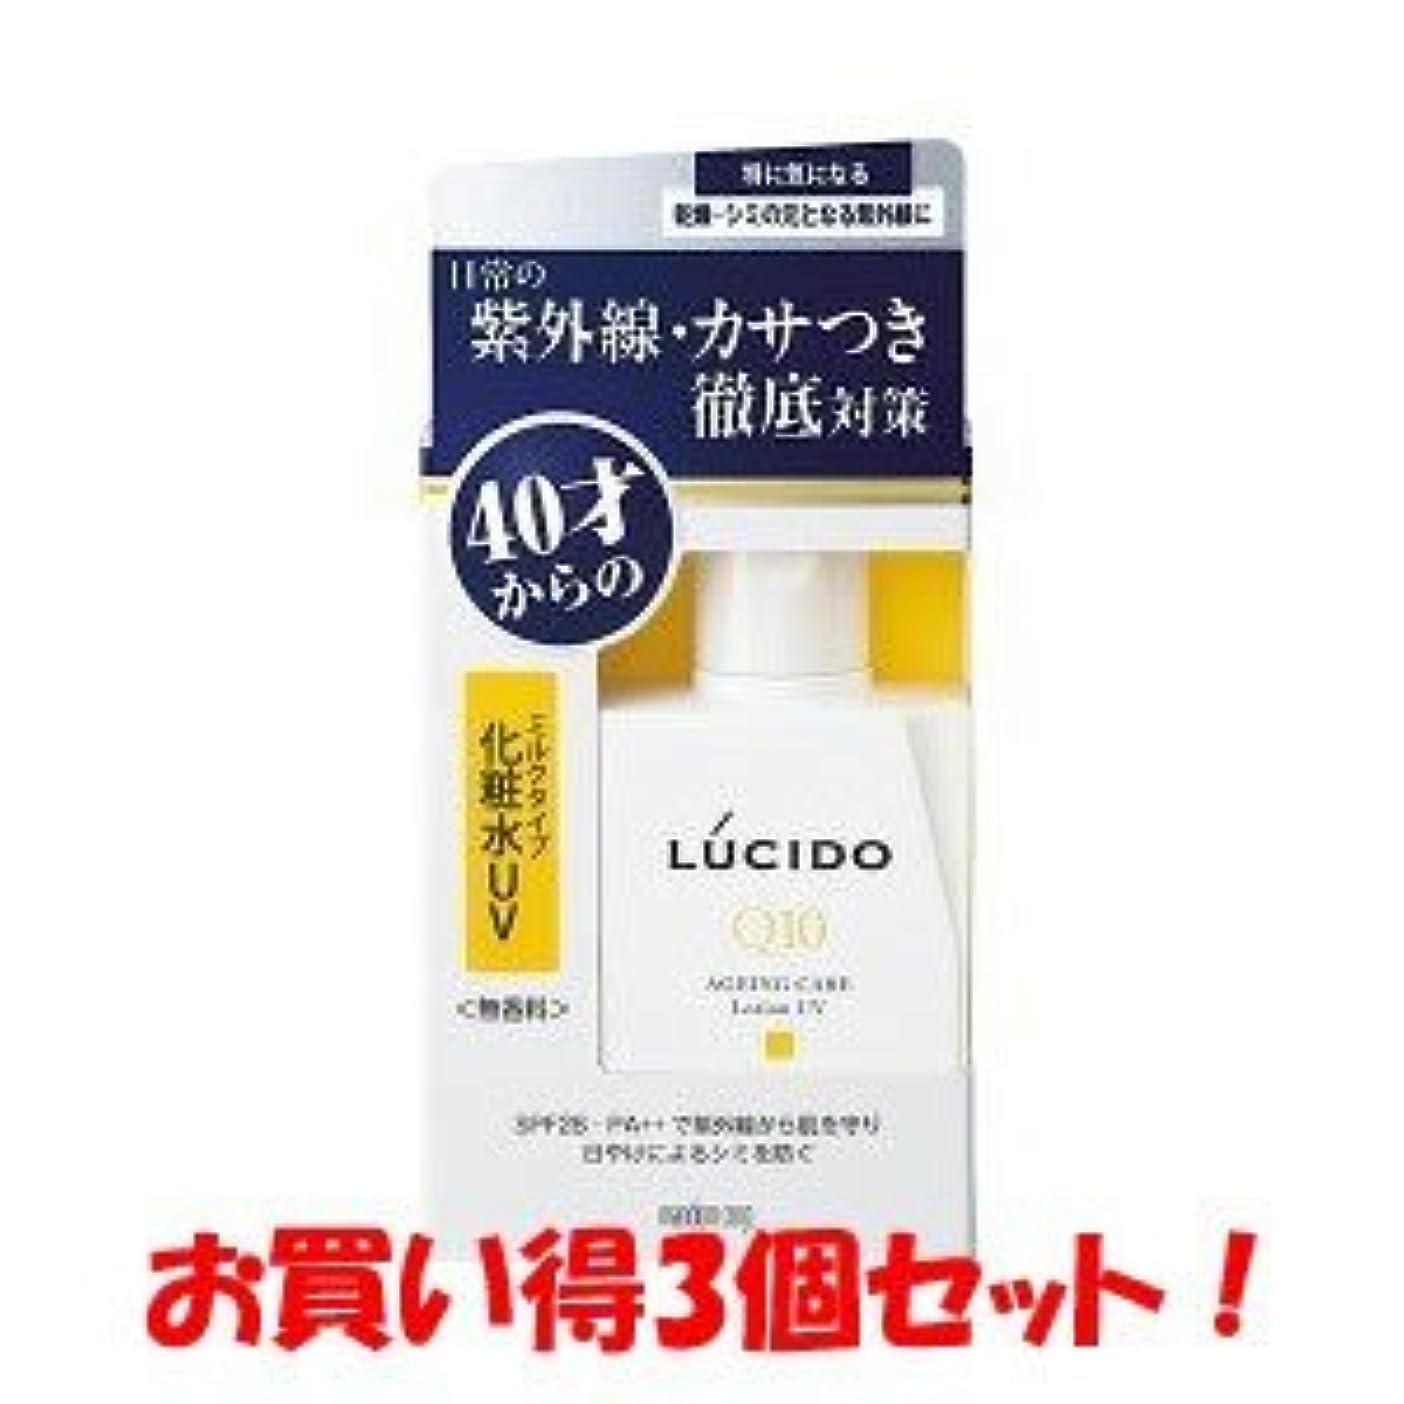 大いにトロピカル段落(2017年の新商品)(マンダム)ルシード 薬用UVブロック化粧水 100ml(医薬部外品)(お買い得3個セット)